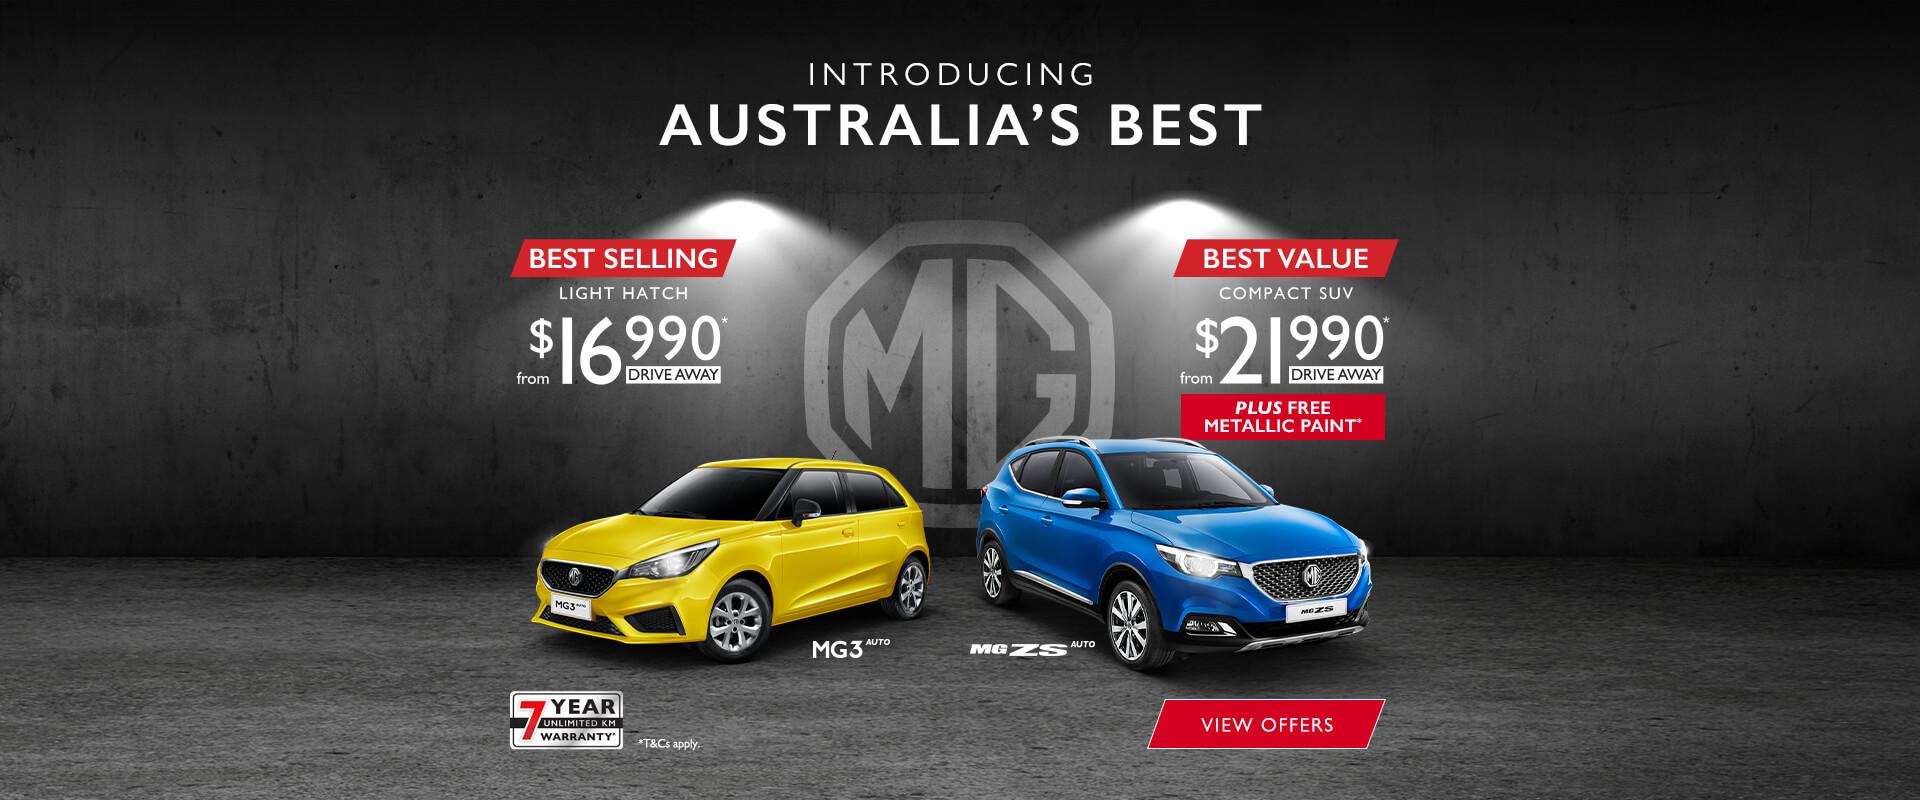 Australia's Best at MG